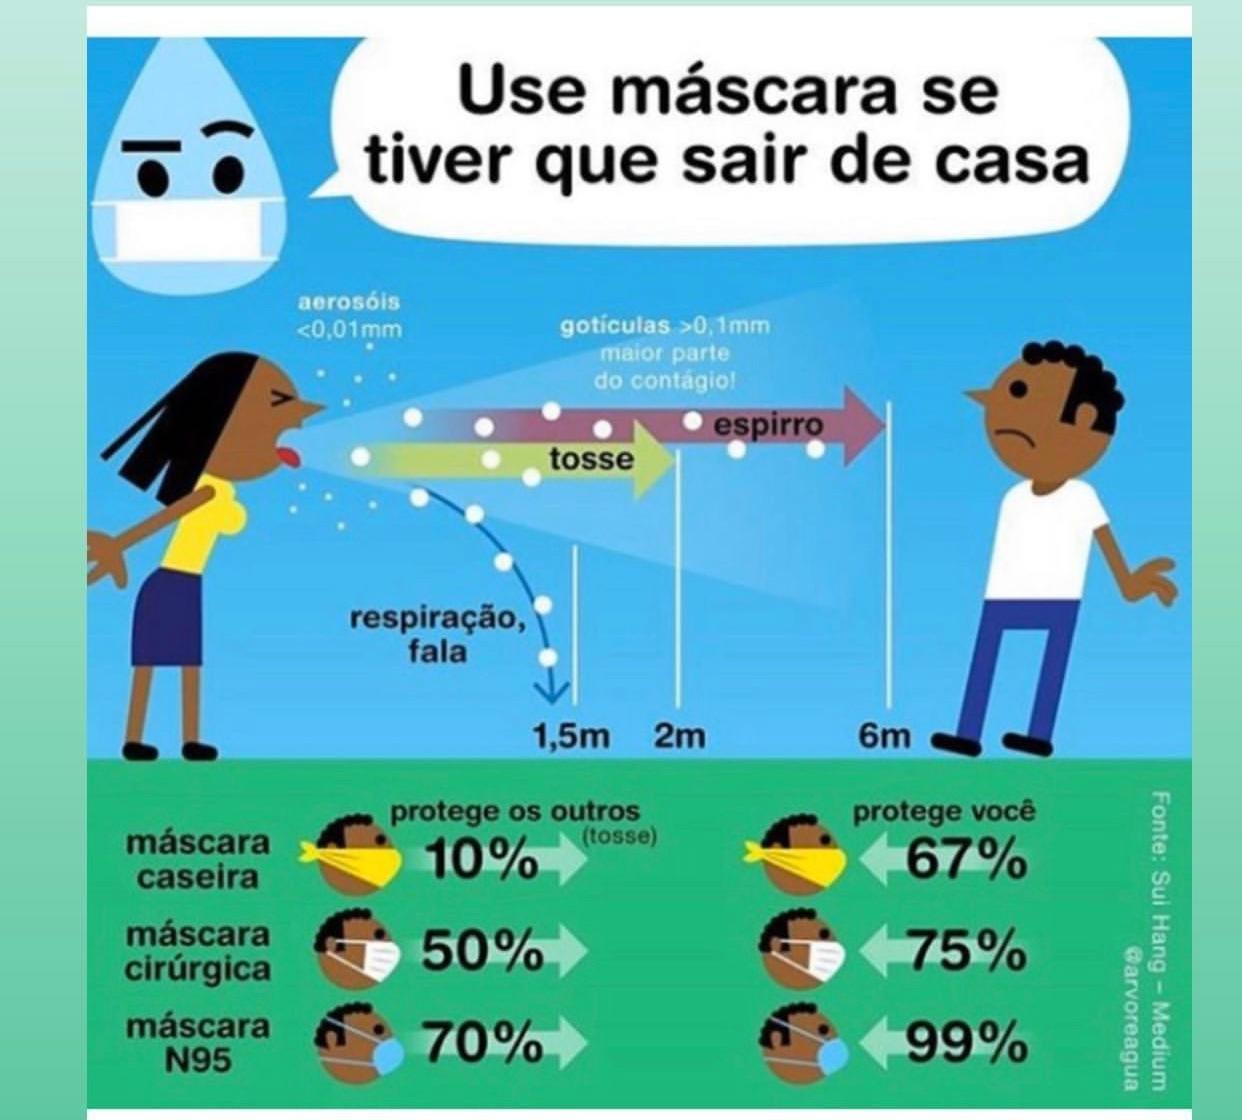 Orientações de uso de máscara coronavírus